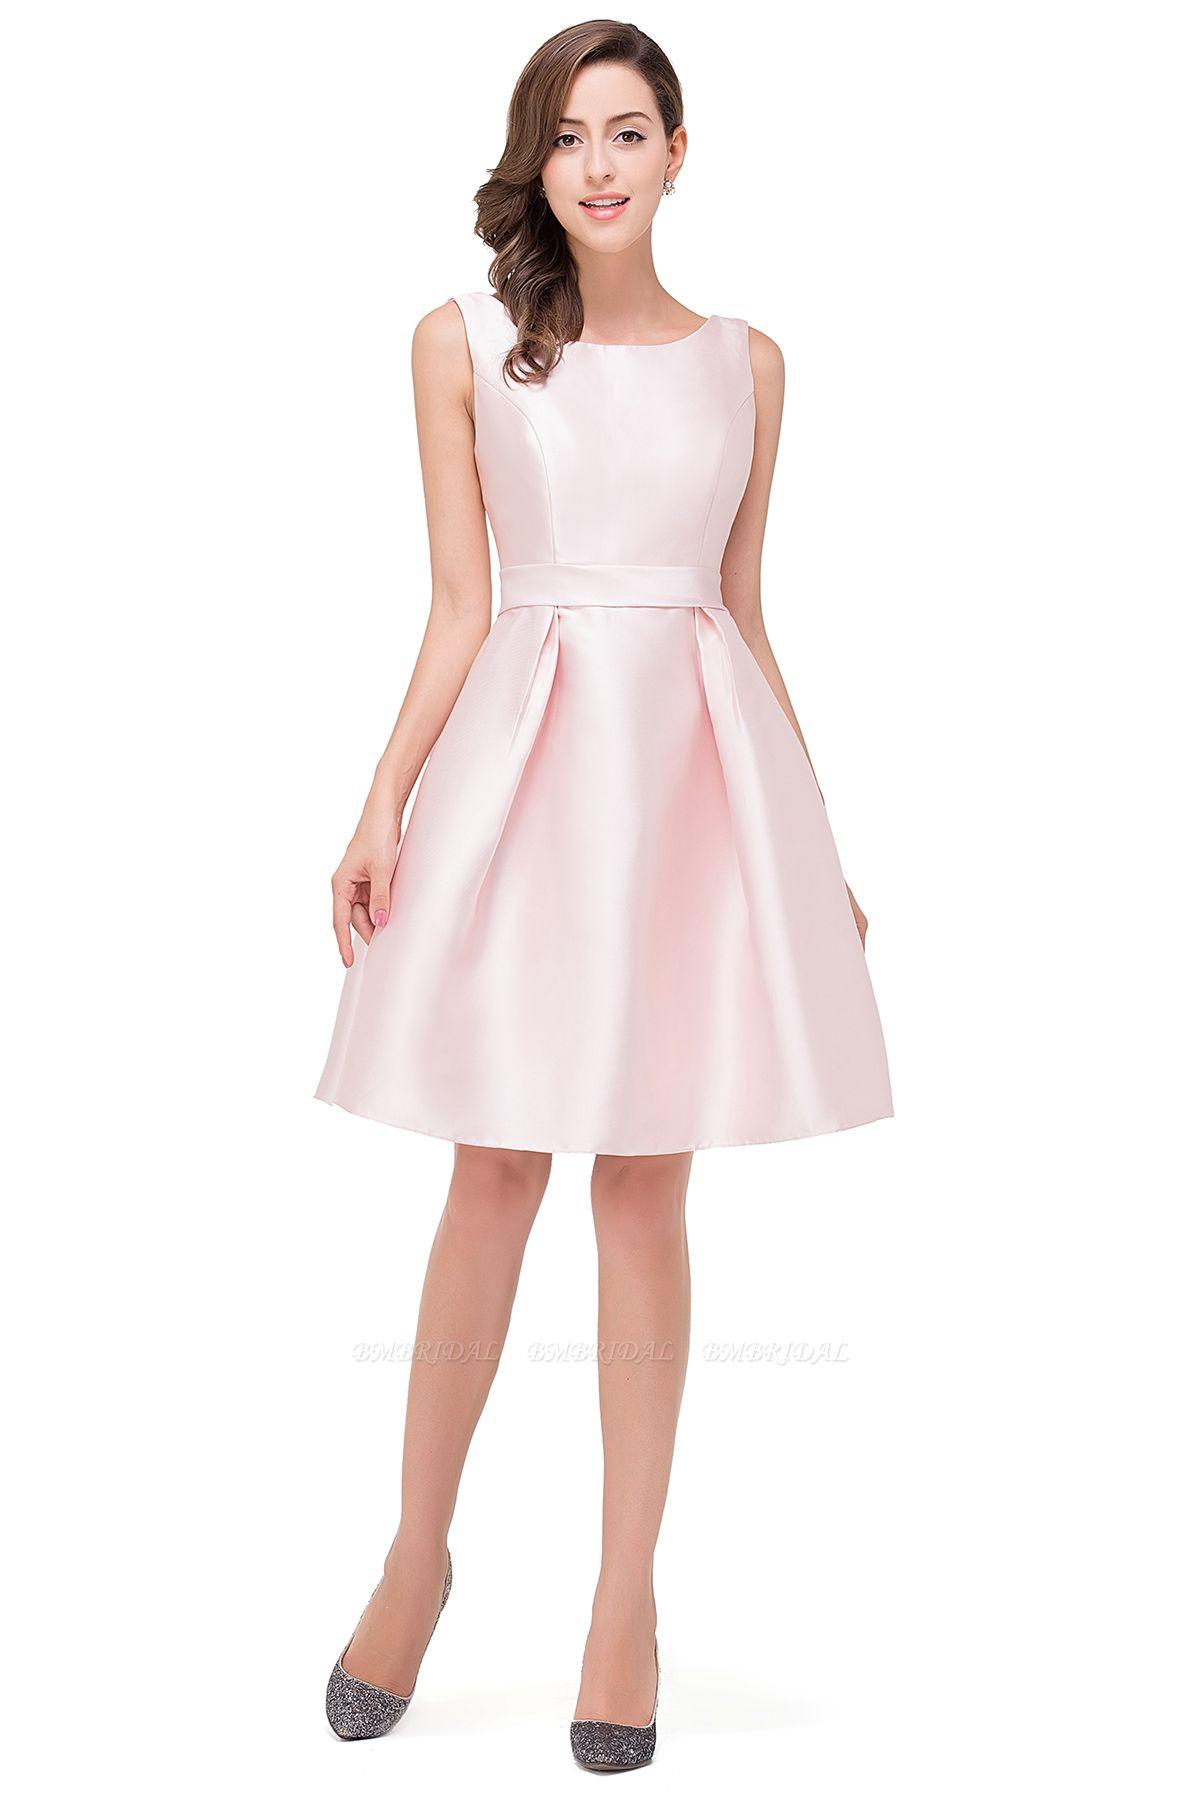 BMbridal Elegant Sleeveless Short A-Line Knee Length Prom Dress